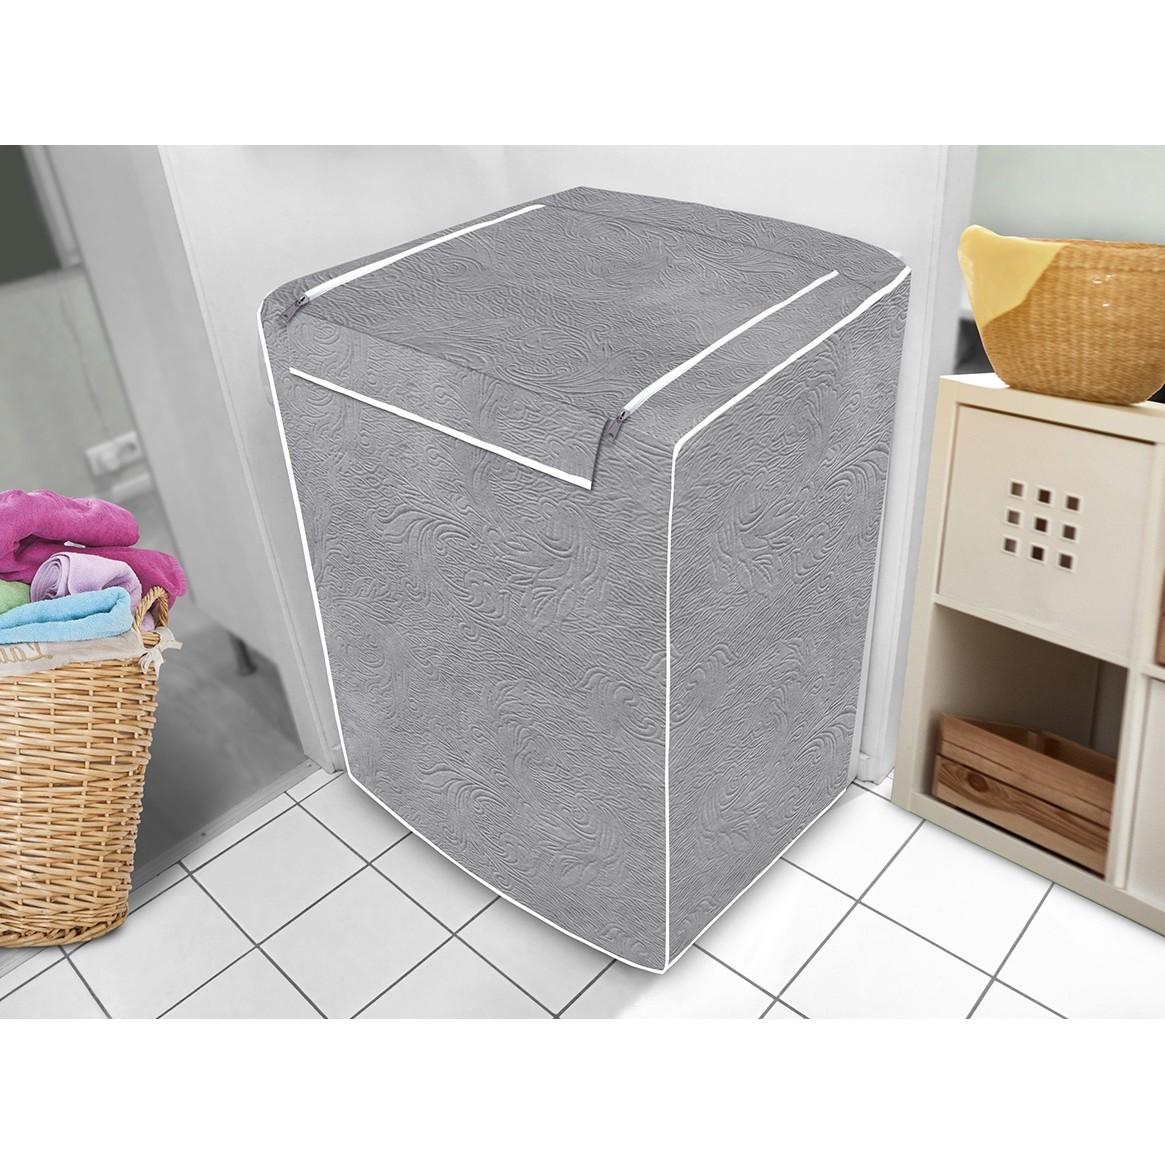 Capa para Maquina de Lavar Cinza 11x34x43cm - Vida Pratika